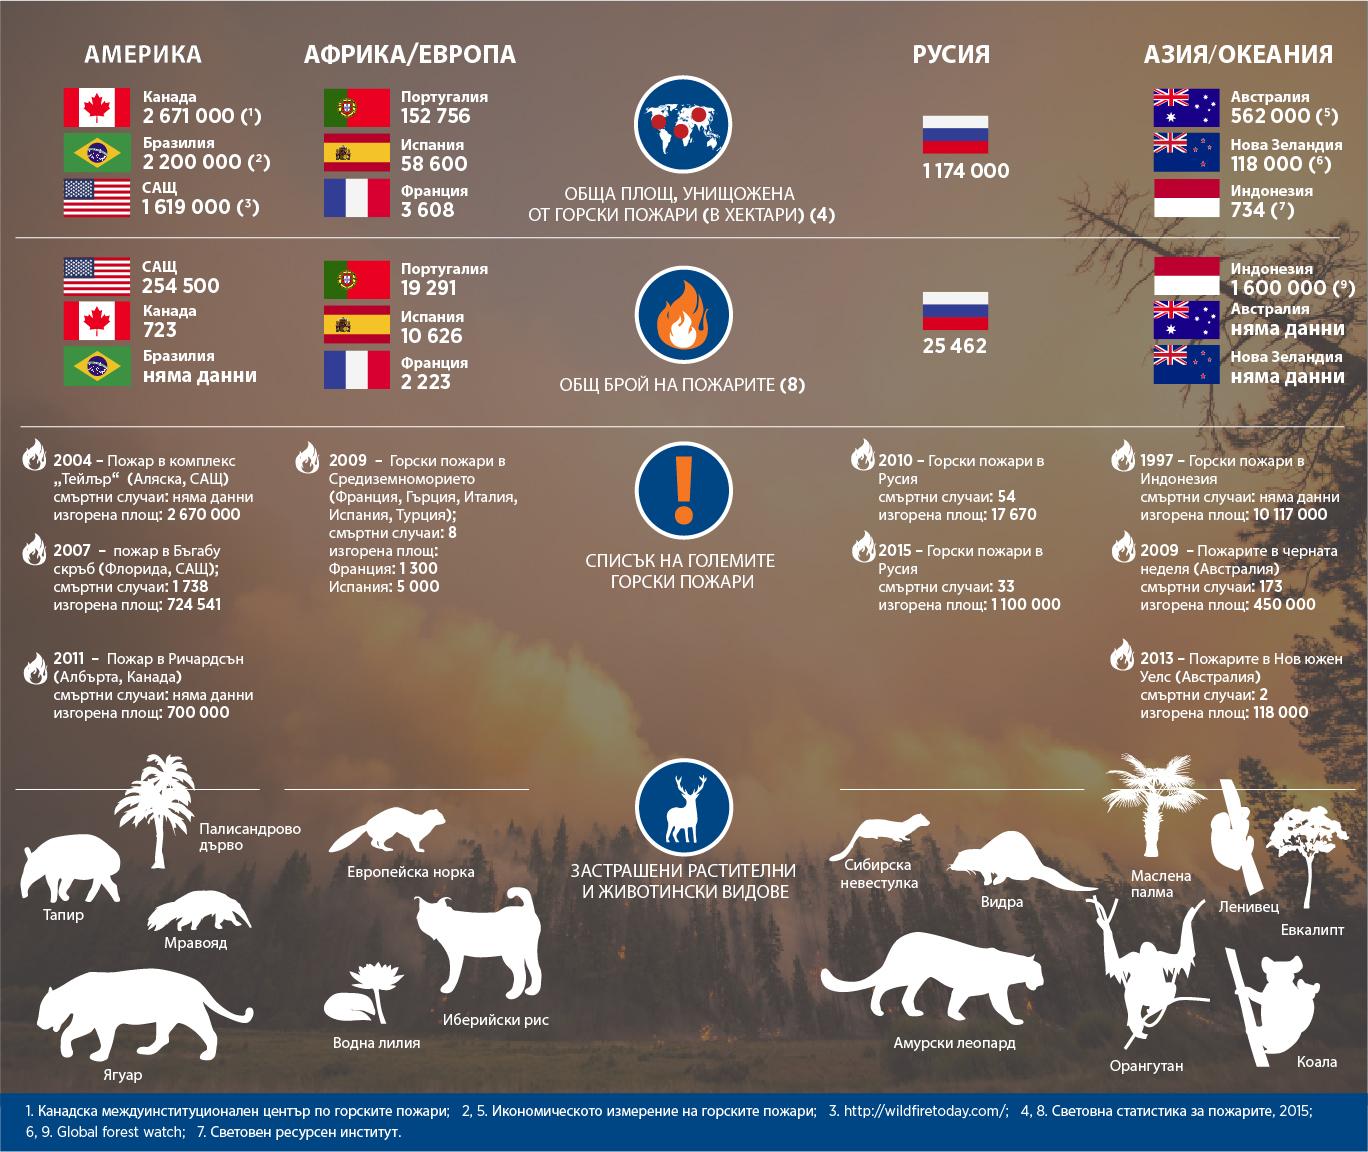 """Горските пожари нанесоха тежки поражения в много държави – от Русия до Канада и Индонезия. """"Руски дневник"""" разглежда точния мащаб на щетите, причинени от горски пожари по света през 2013 година."""